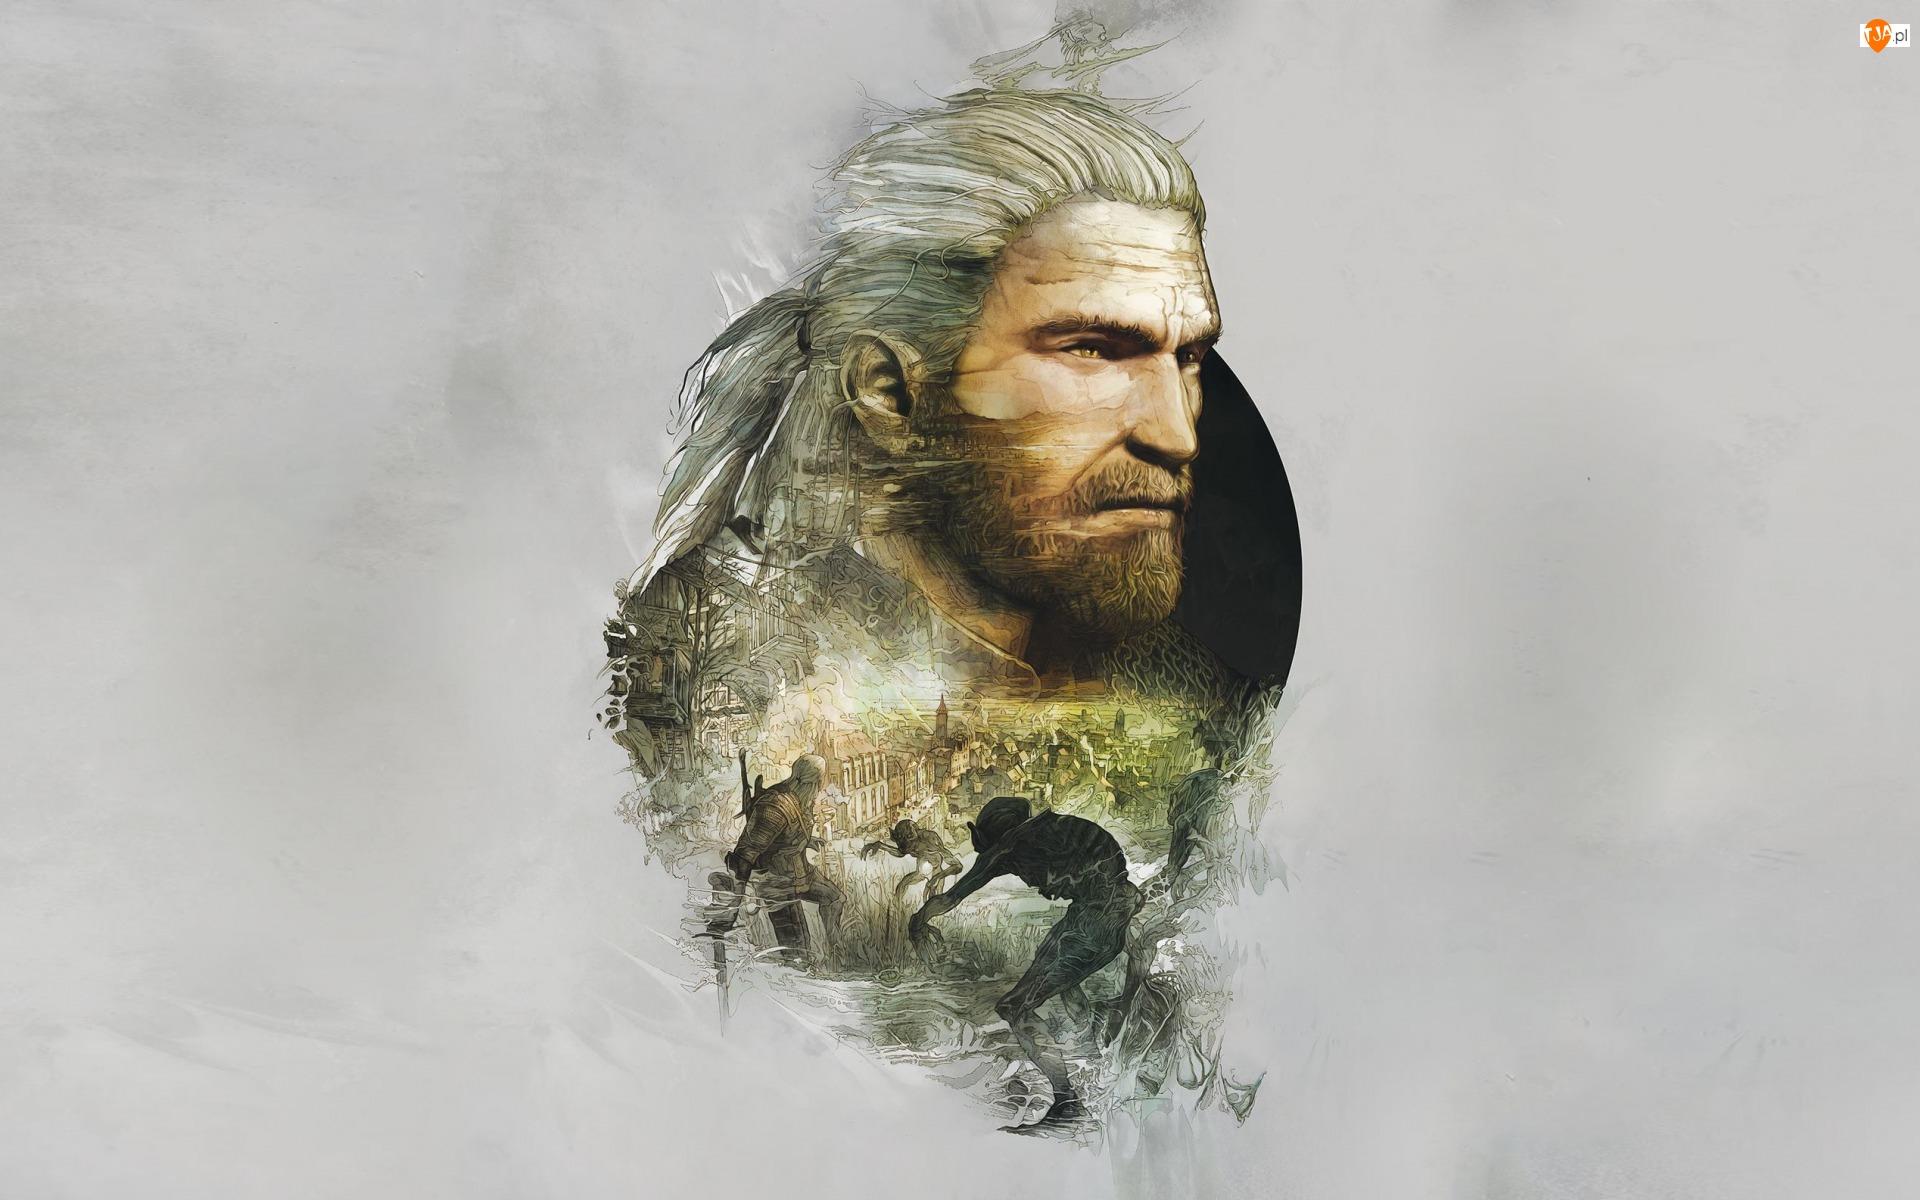 Geralt, Gra, Mężczyzna, Wiedźmin 3, Wojownik